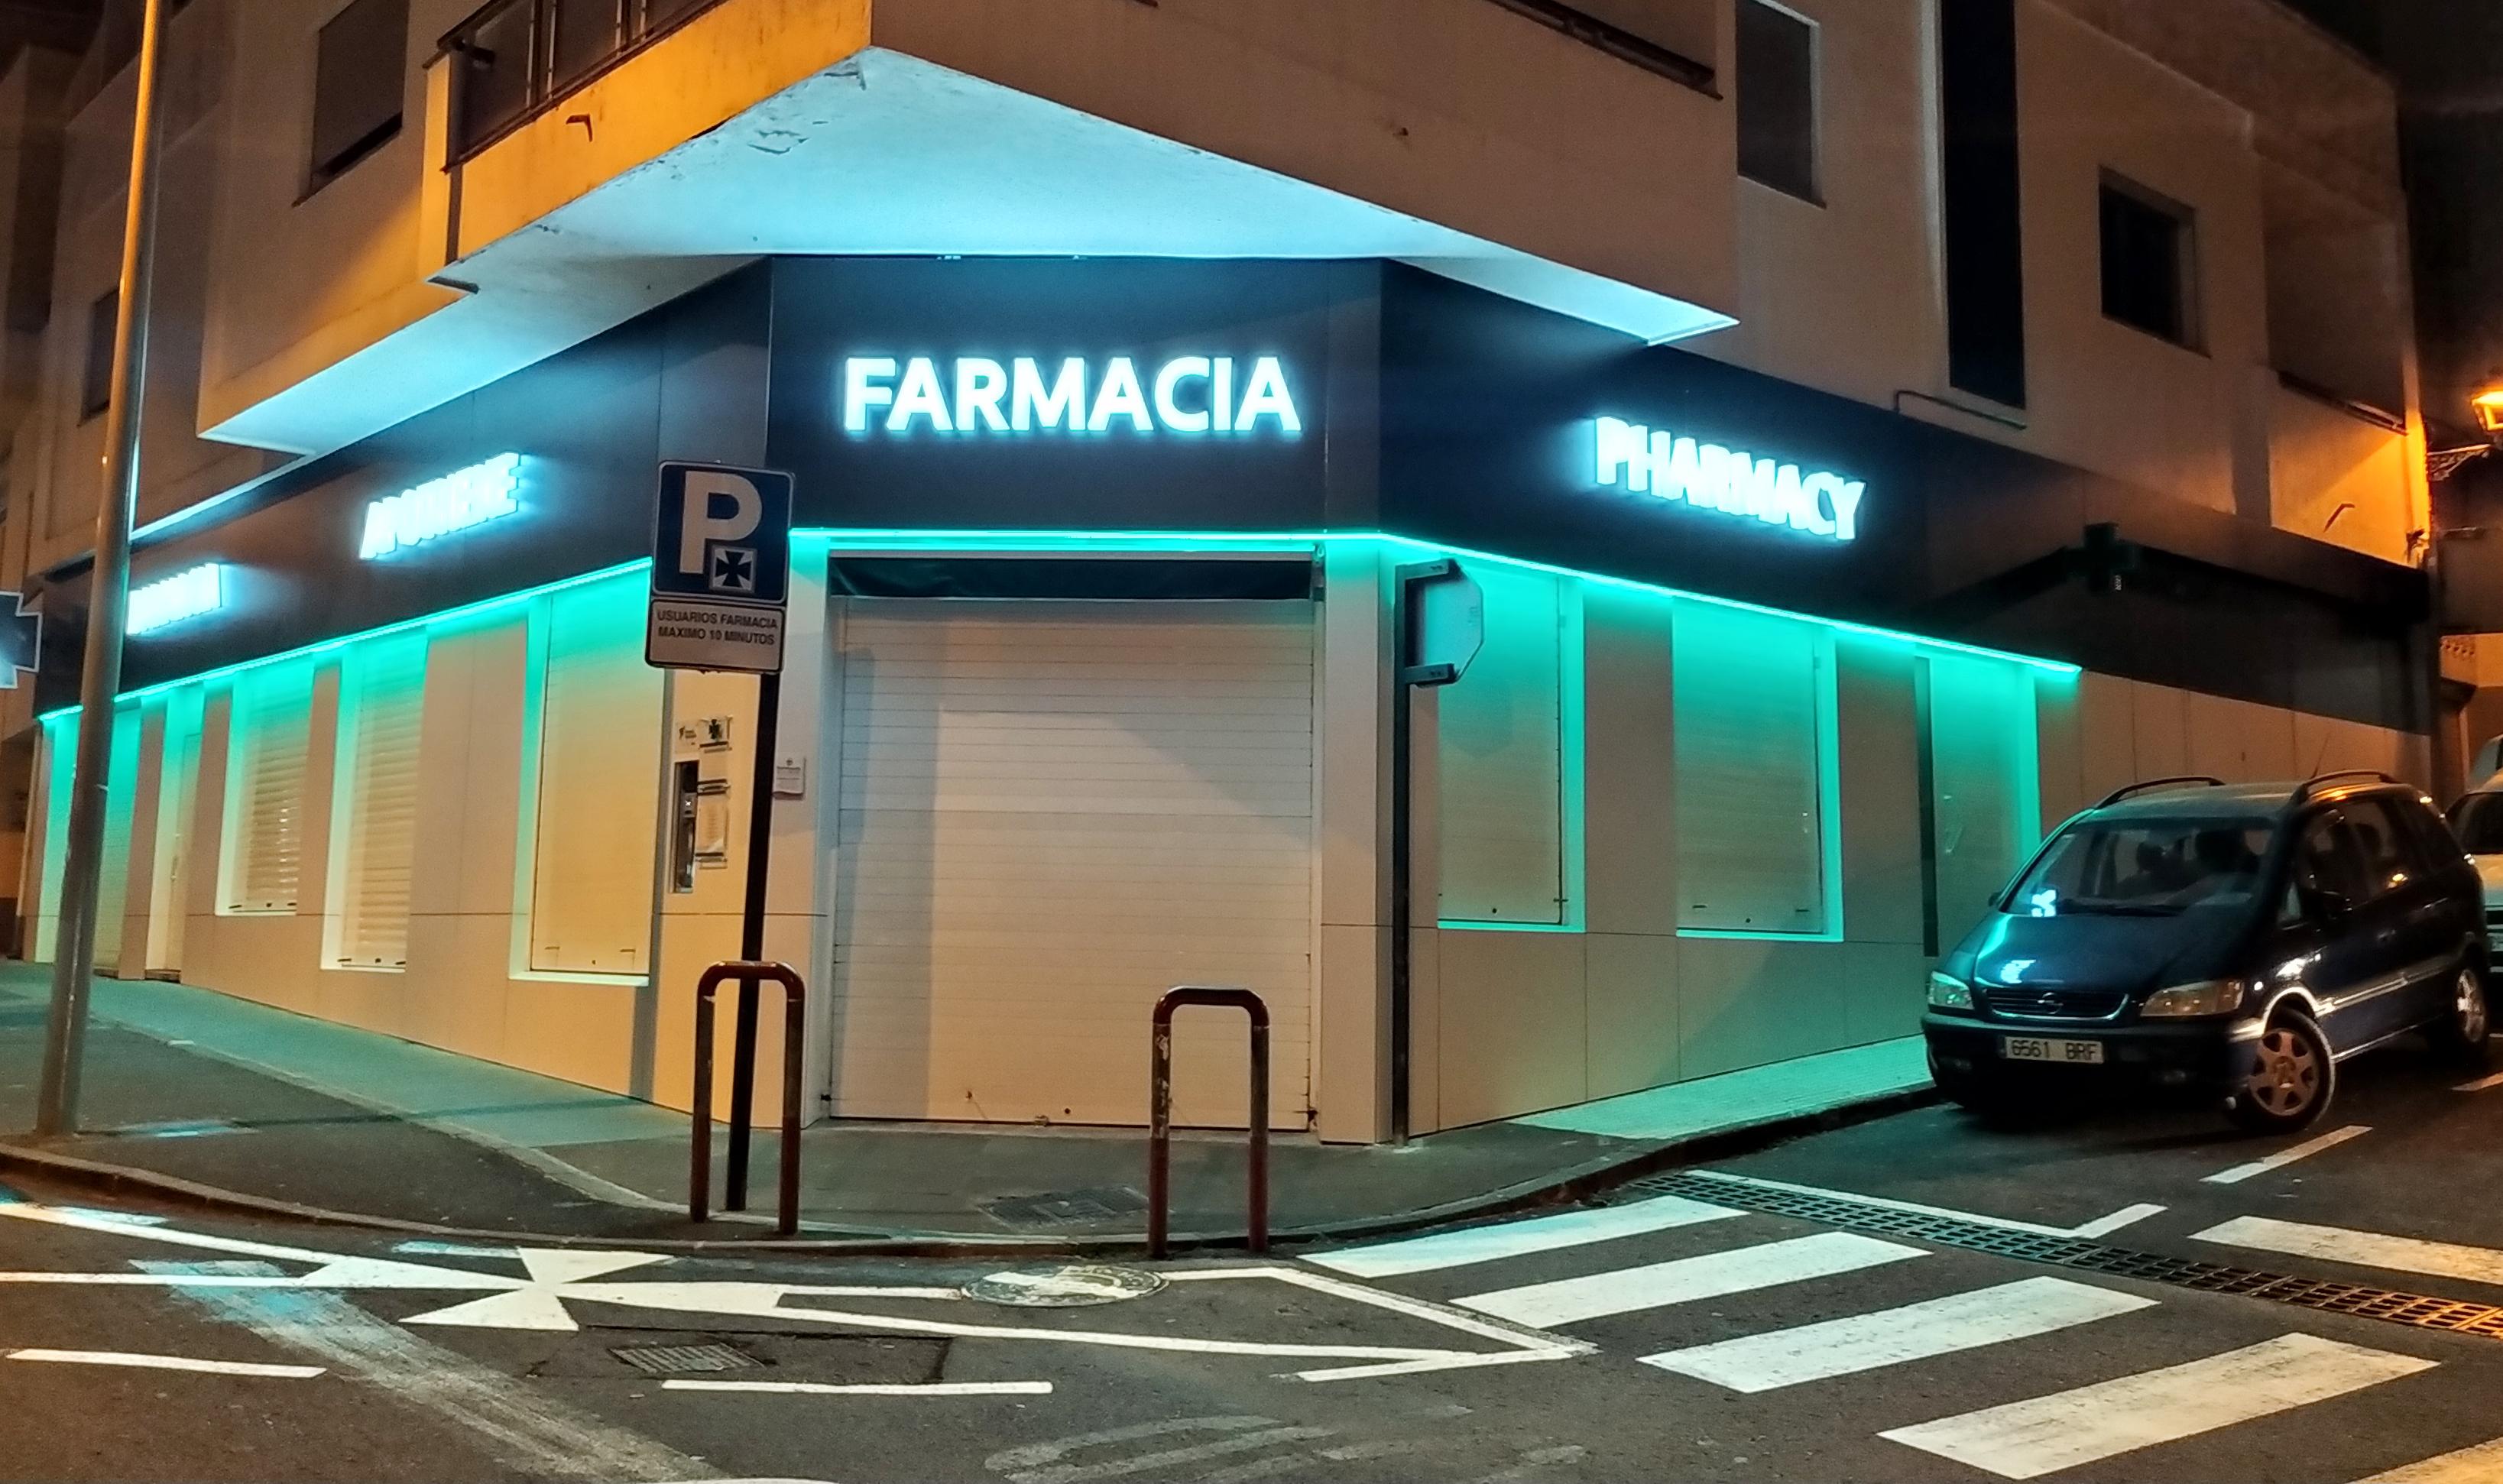 Farmacia David Hernandez Cebrian en Tacoronte – Letreros luminosos y revestimiento de fachada en fenólico